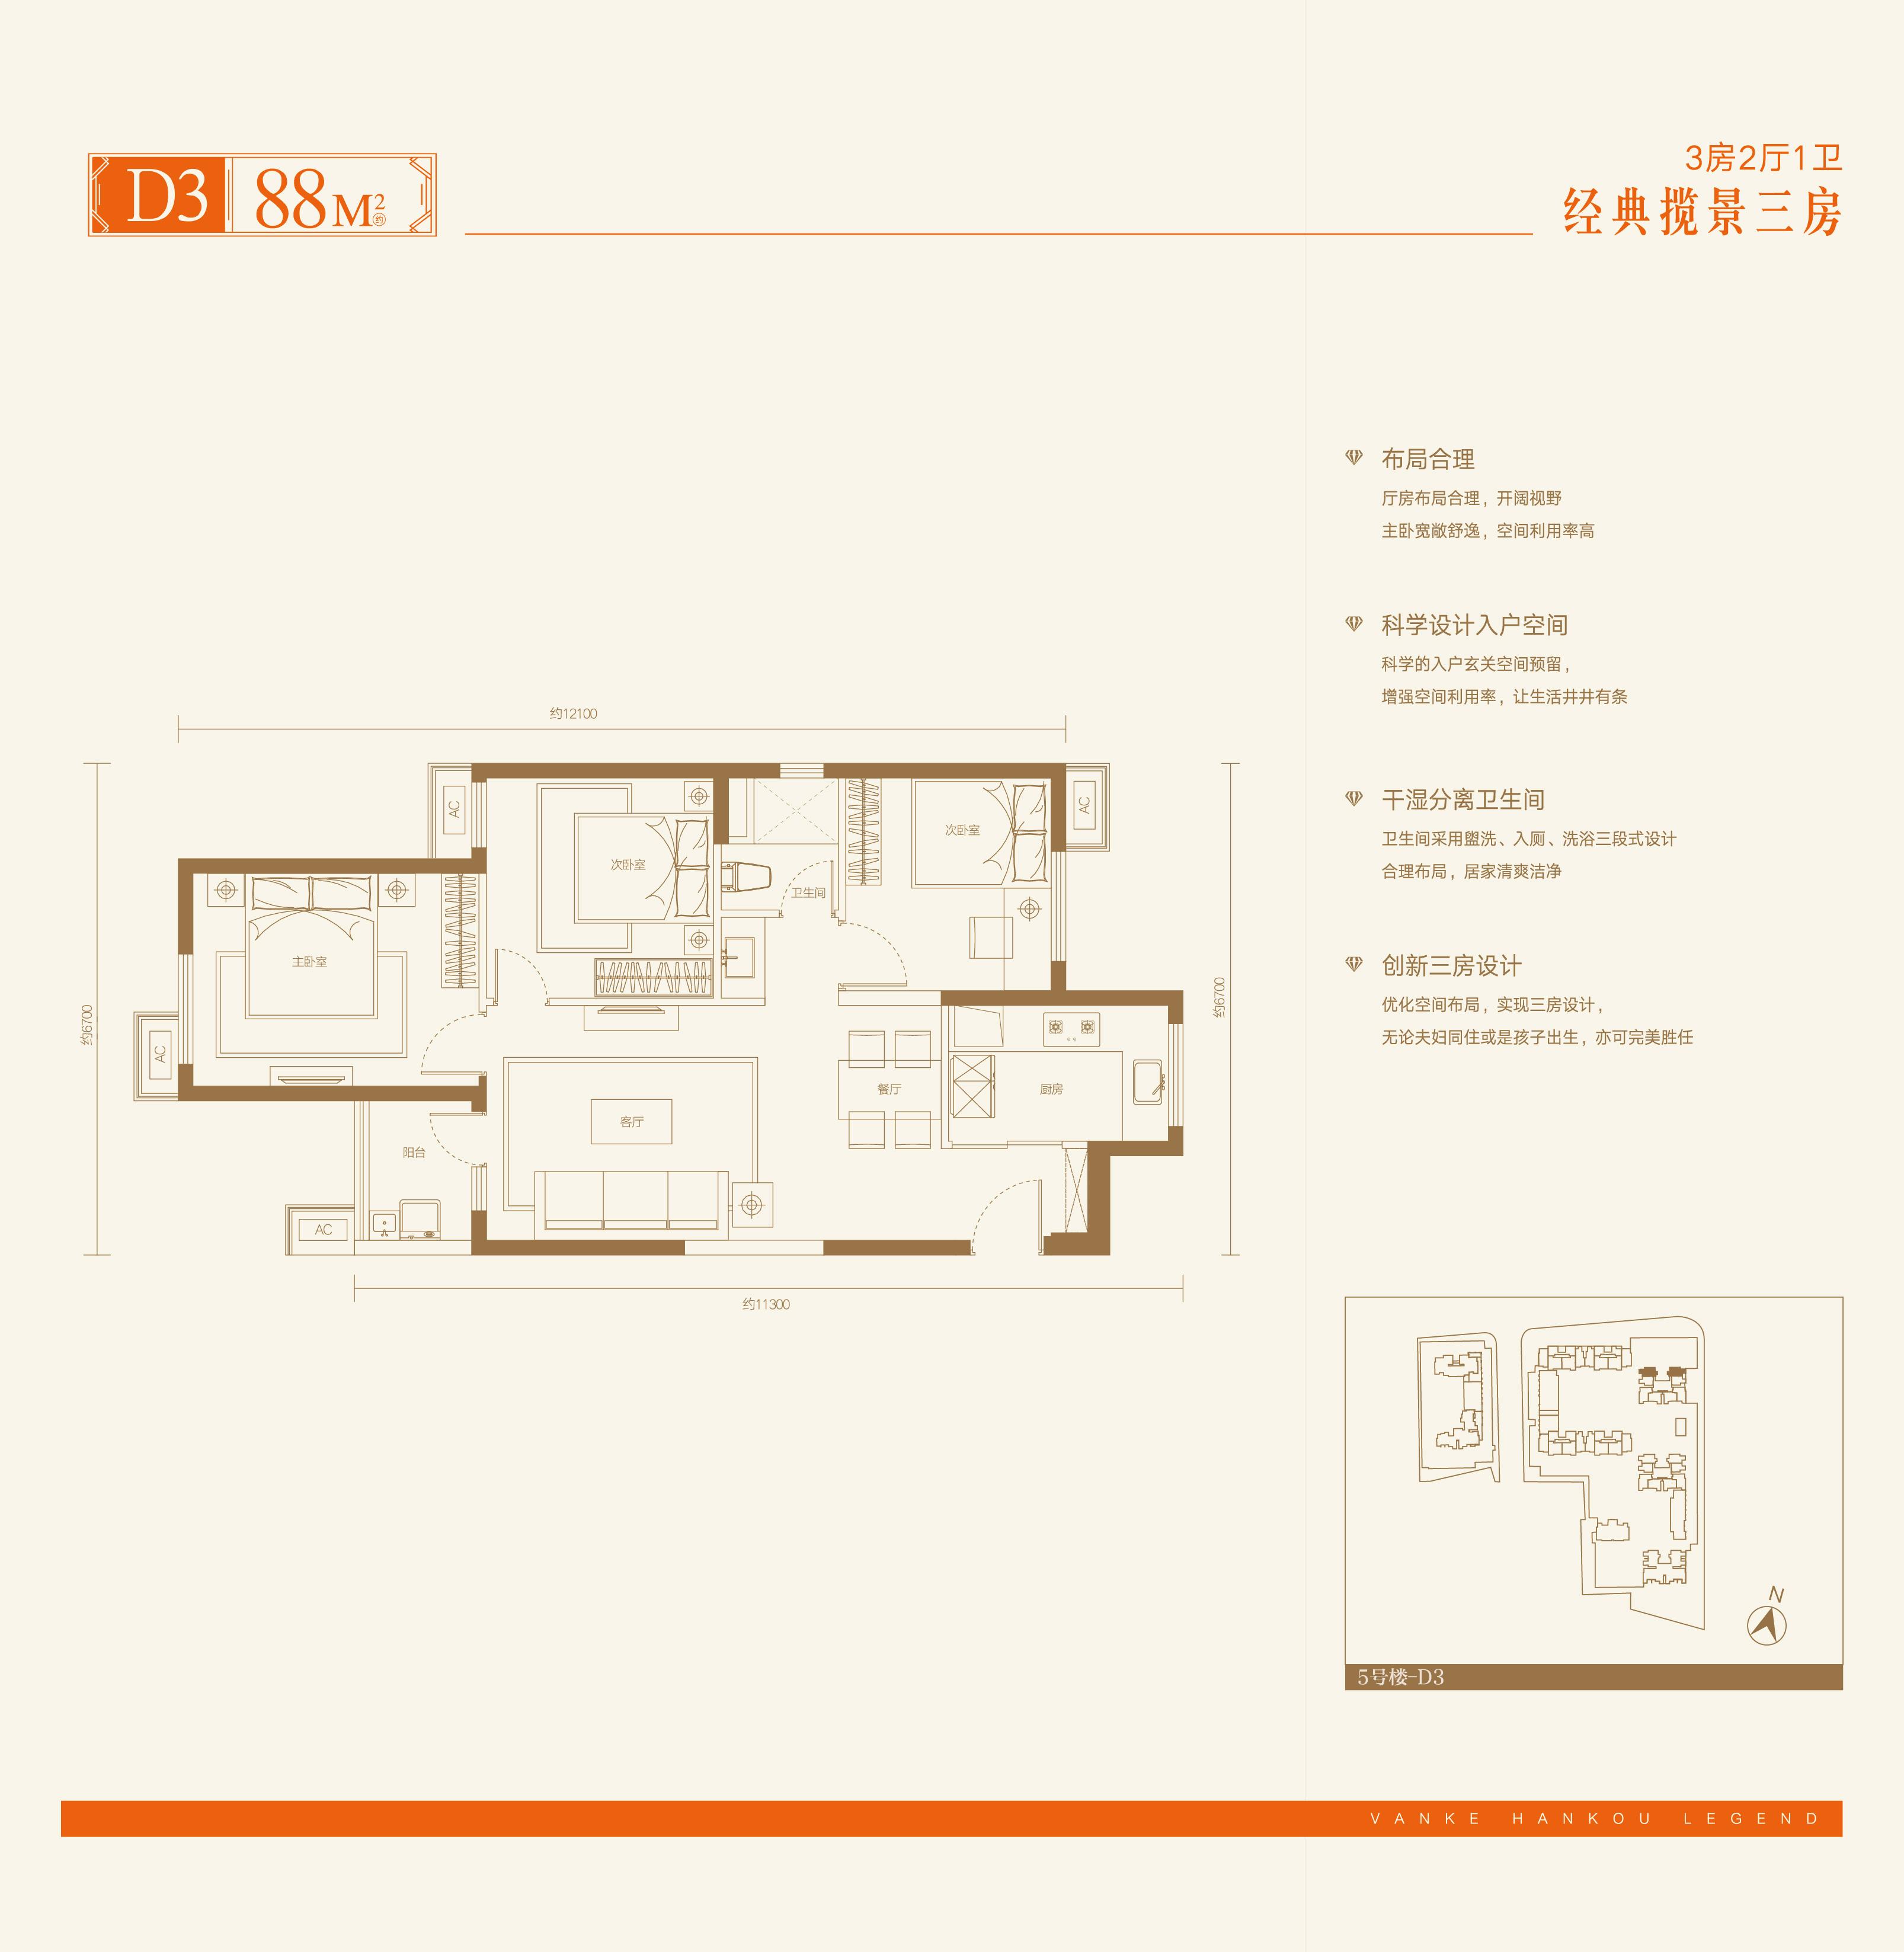 5号楼D3户型